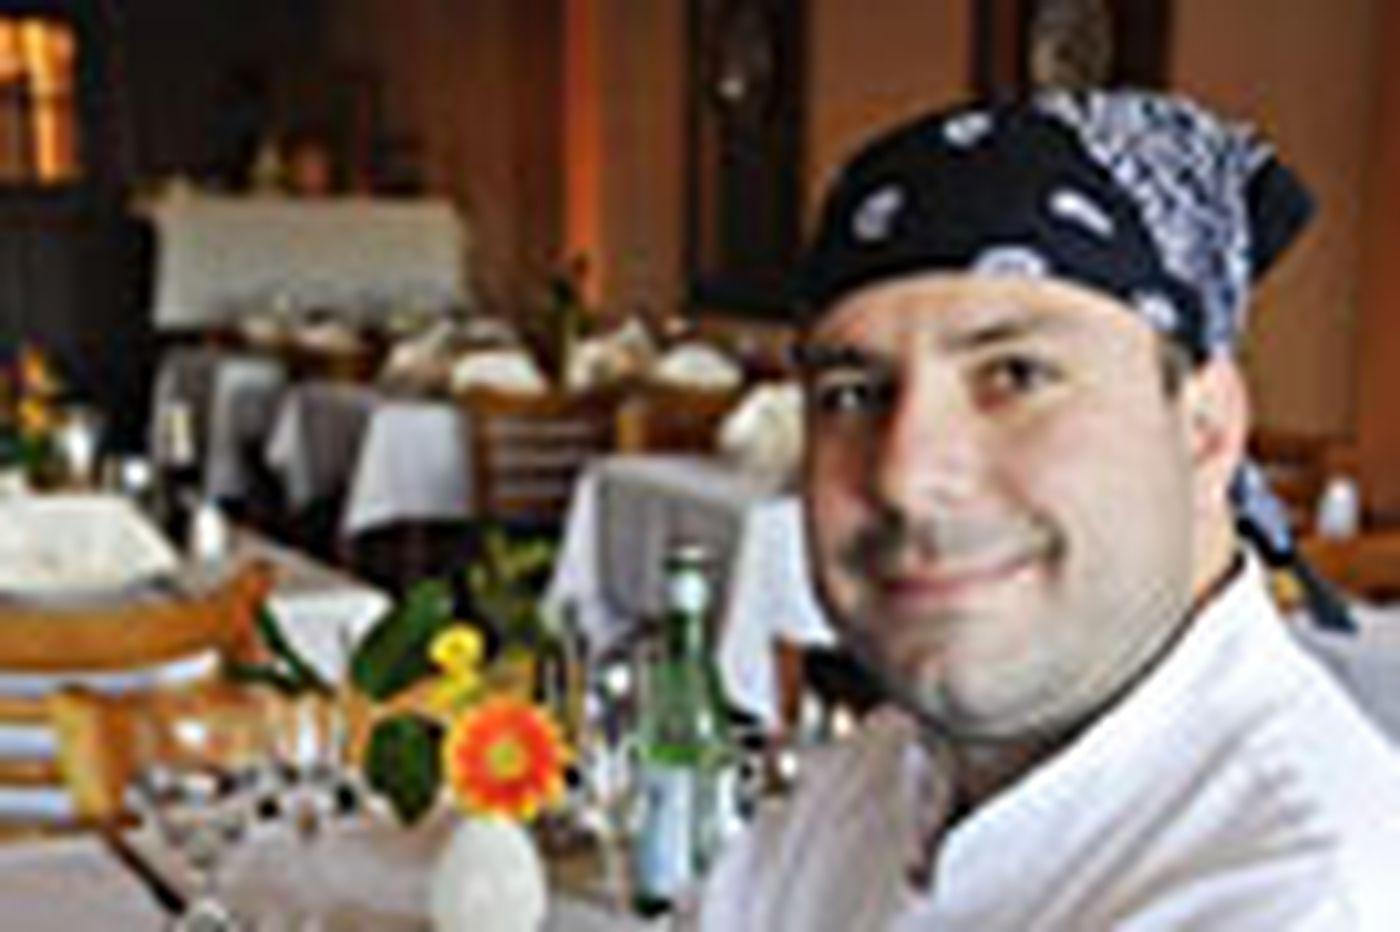 Center City chef migrates to Northeast Philadelphia